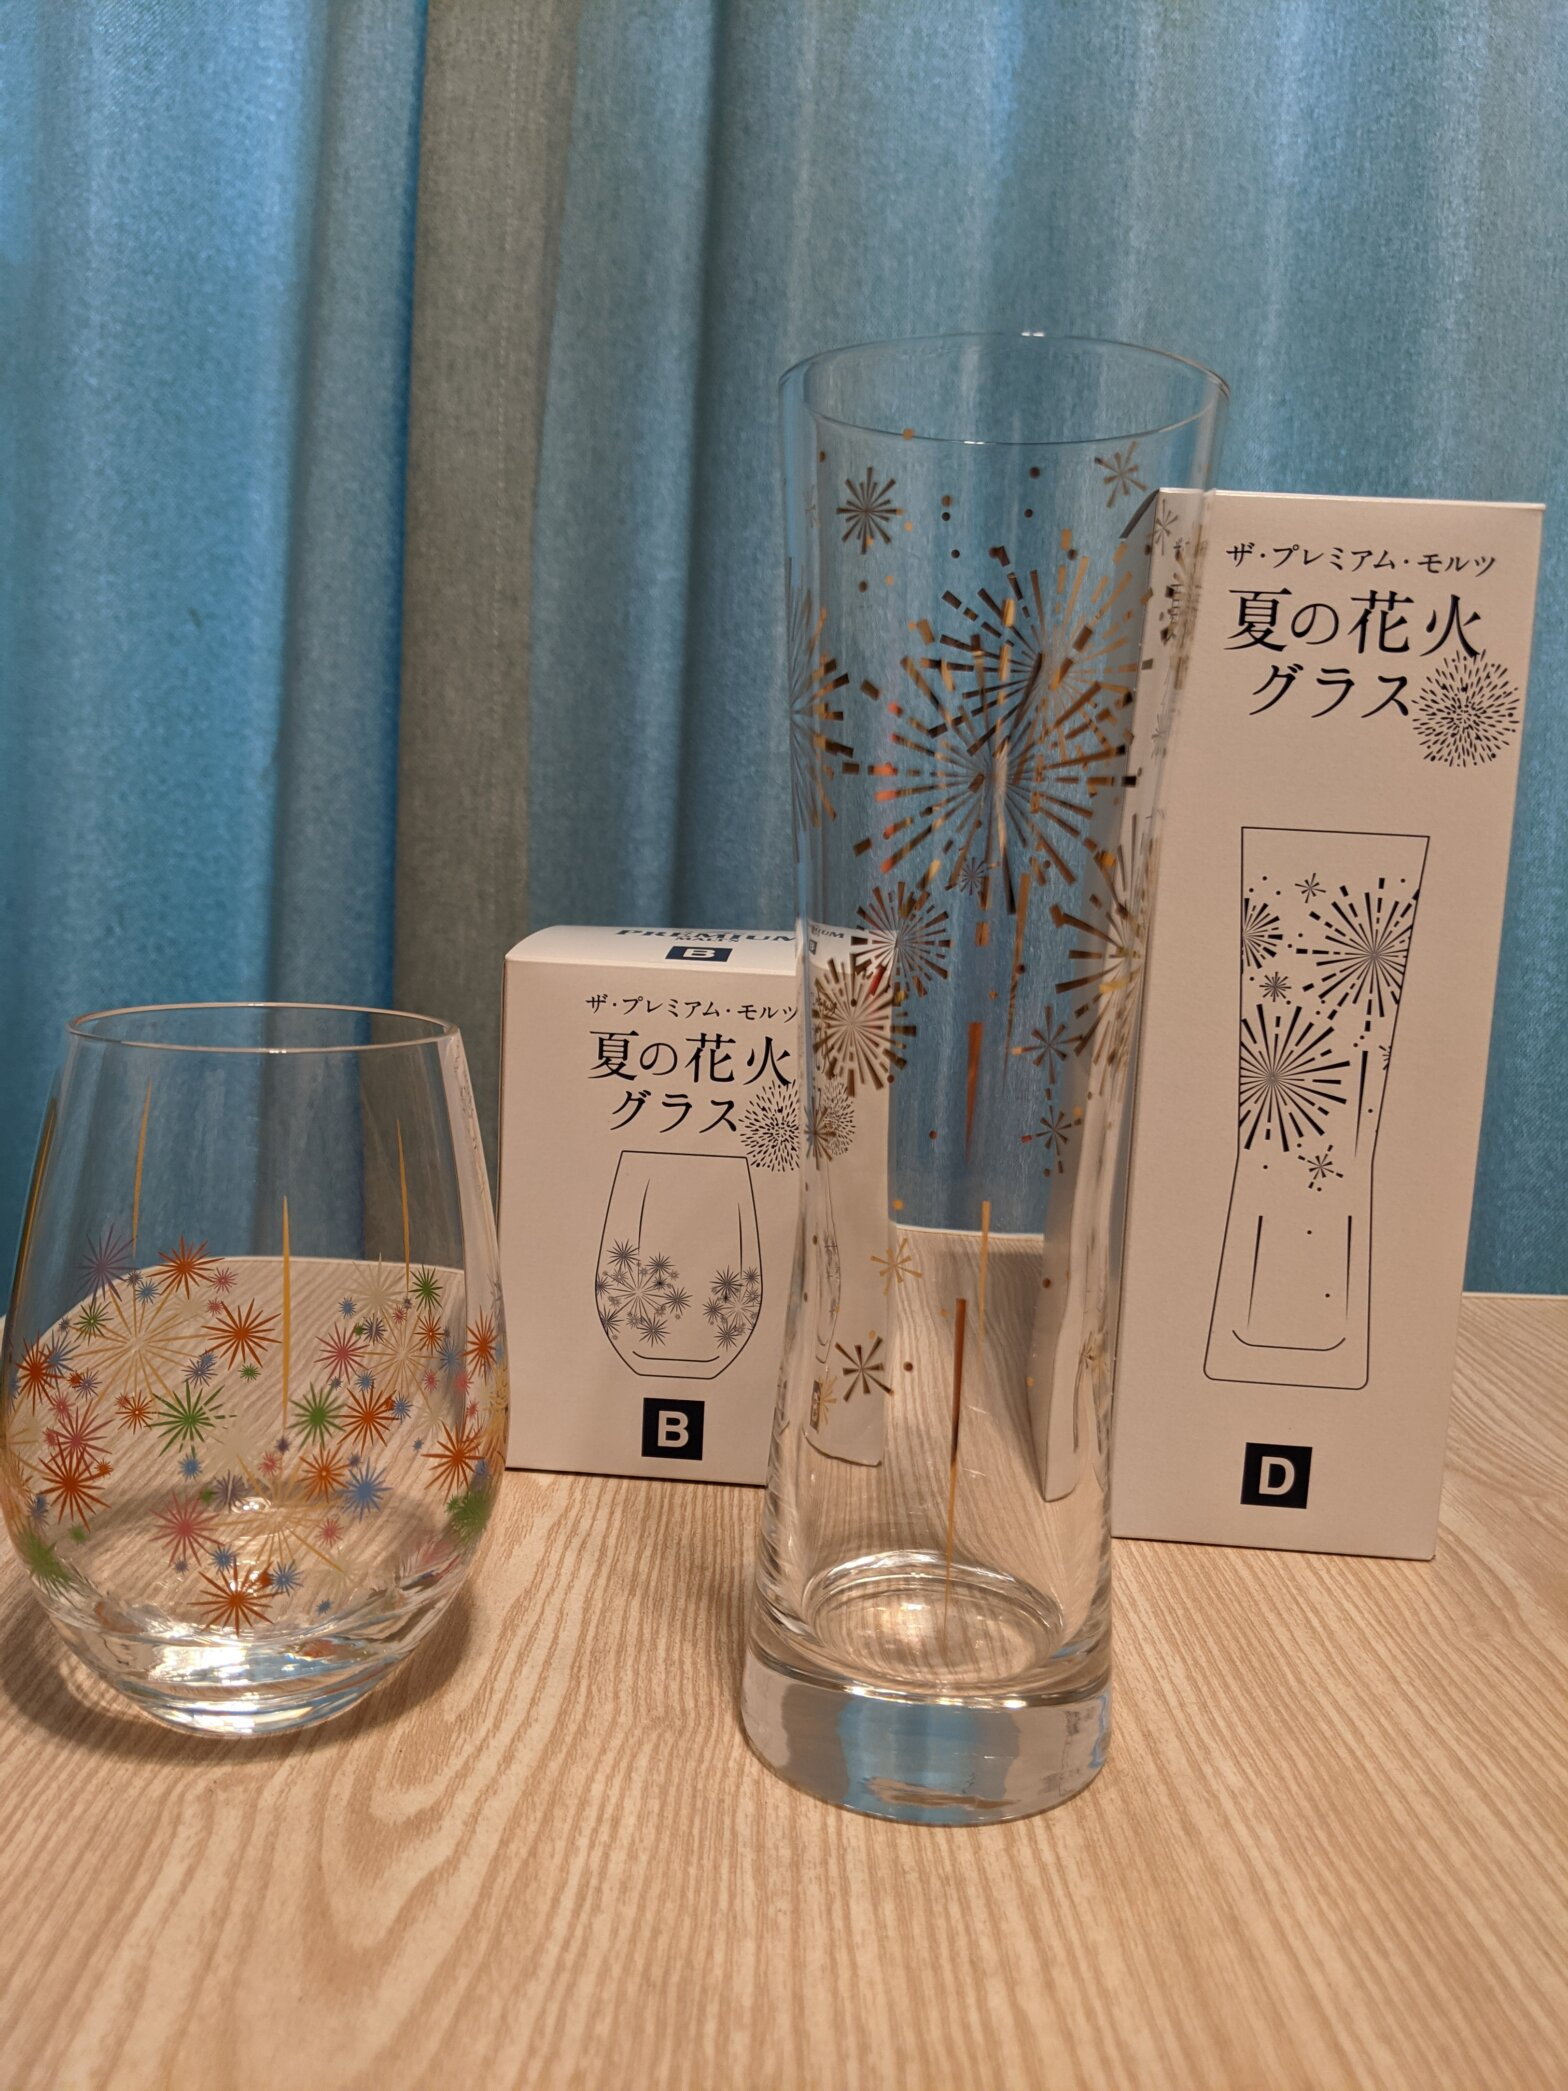 グラスと箱